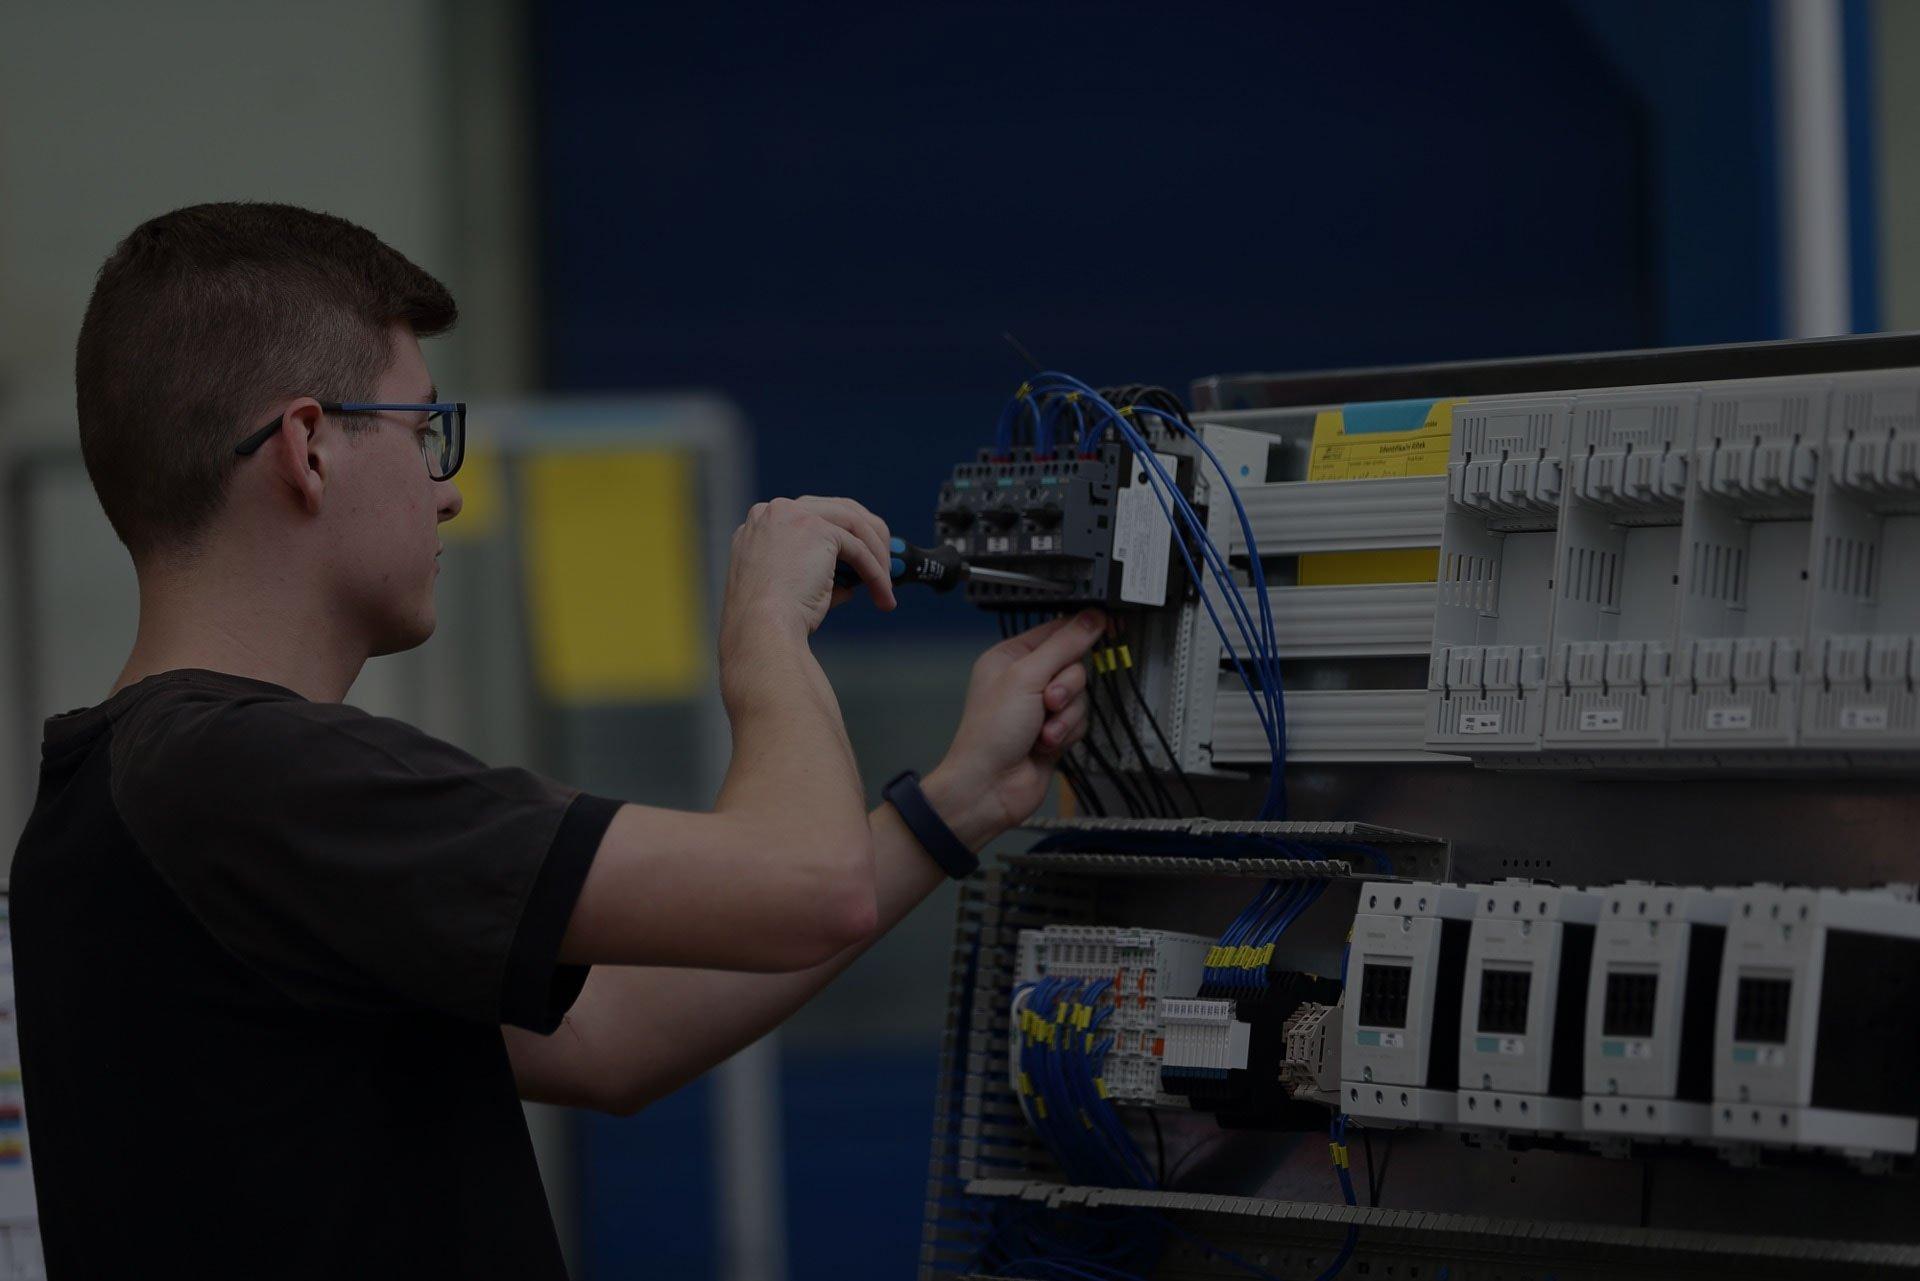 Montáž elektrického rozvaděče nízkého napětí v SENCO Příbram